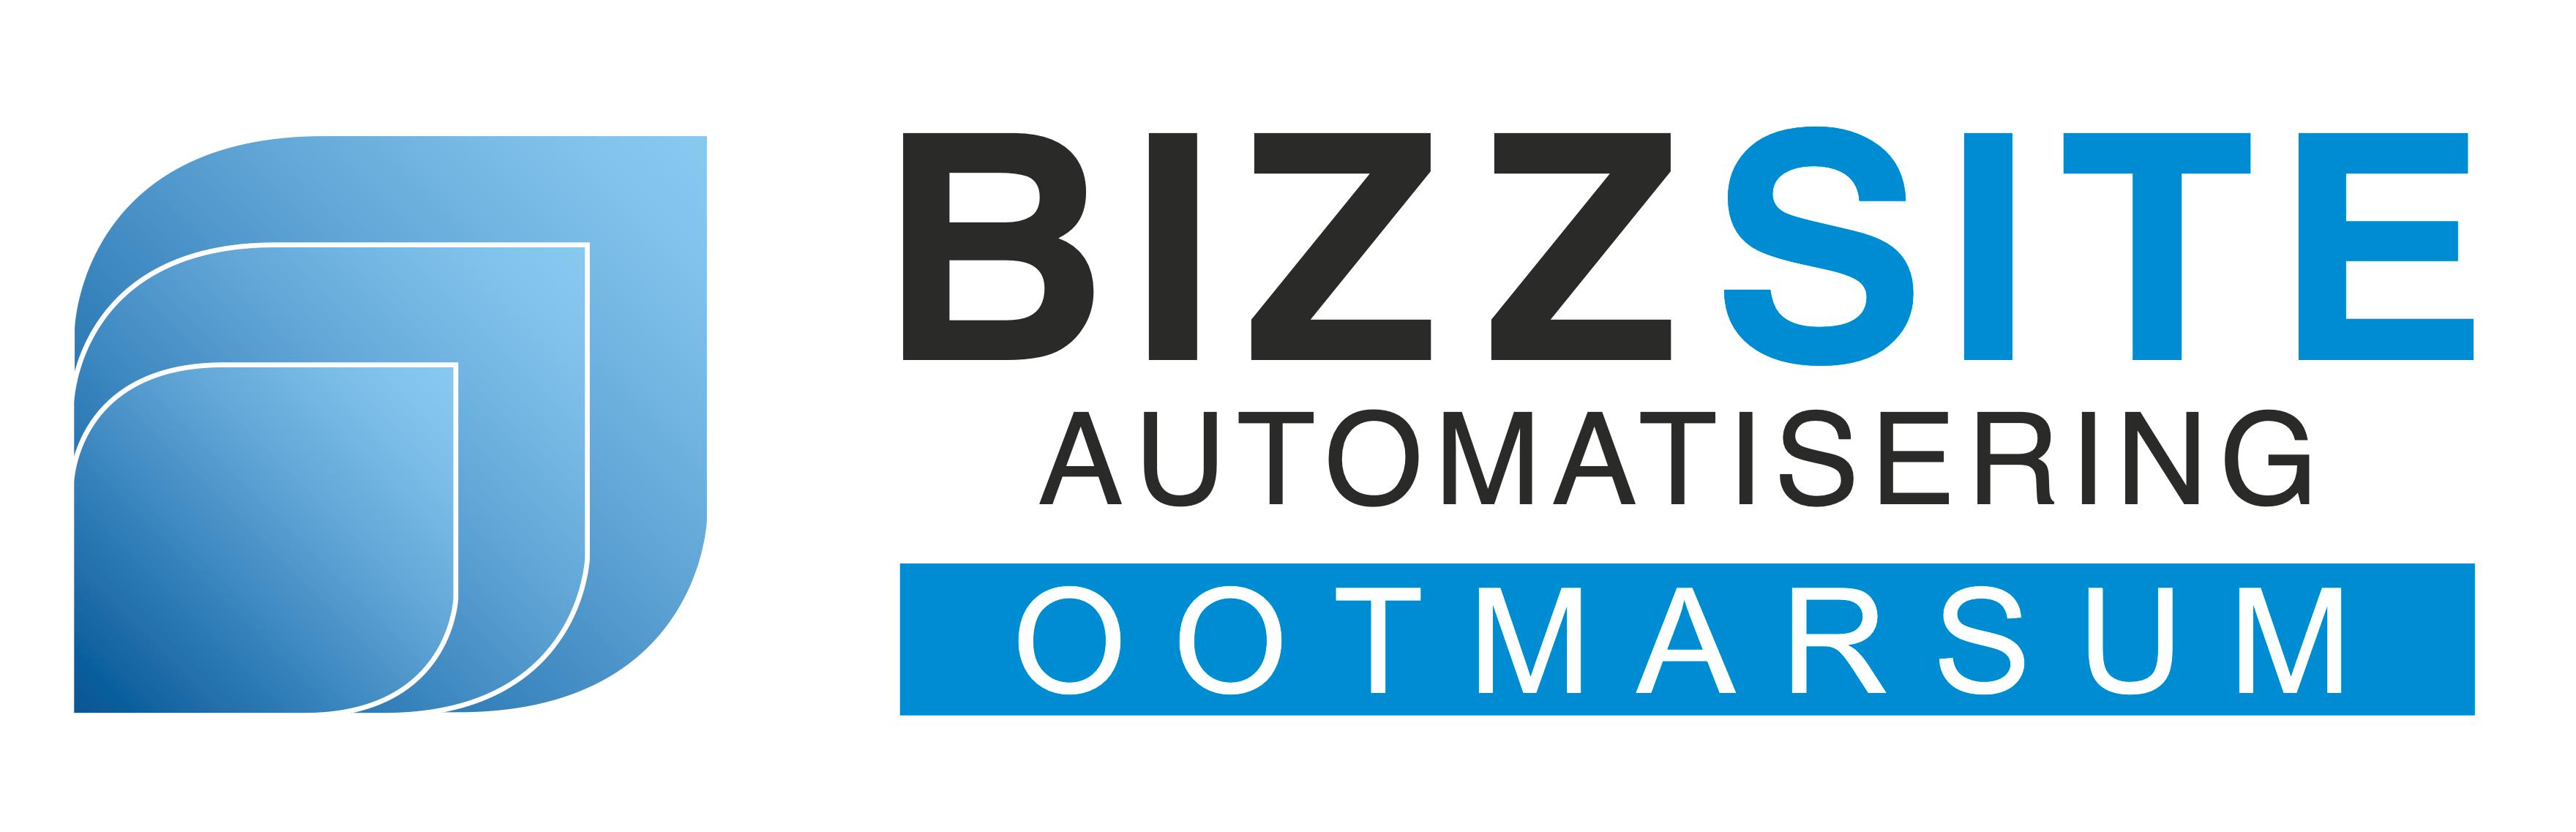 Bizzsite Automation Logo